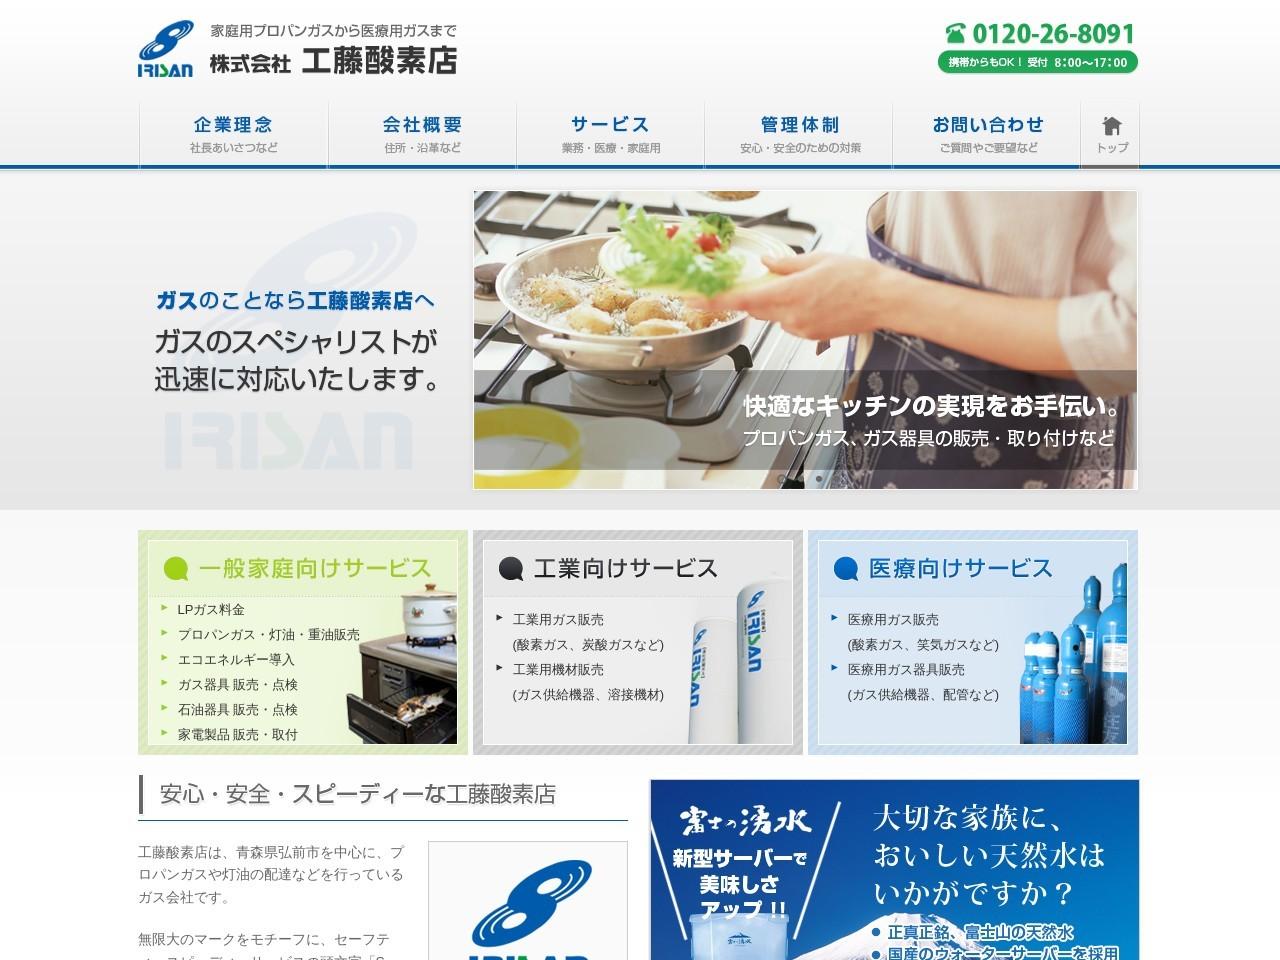 株式会社工藤酸素店|青森県弘前市のガス製造・販売会社